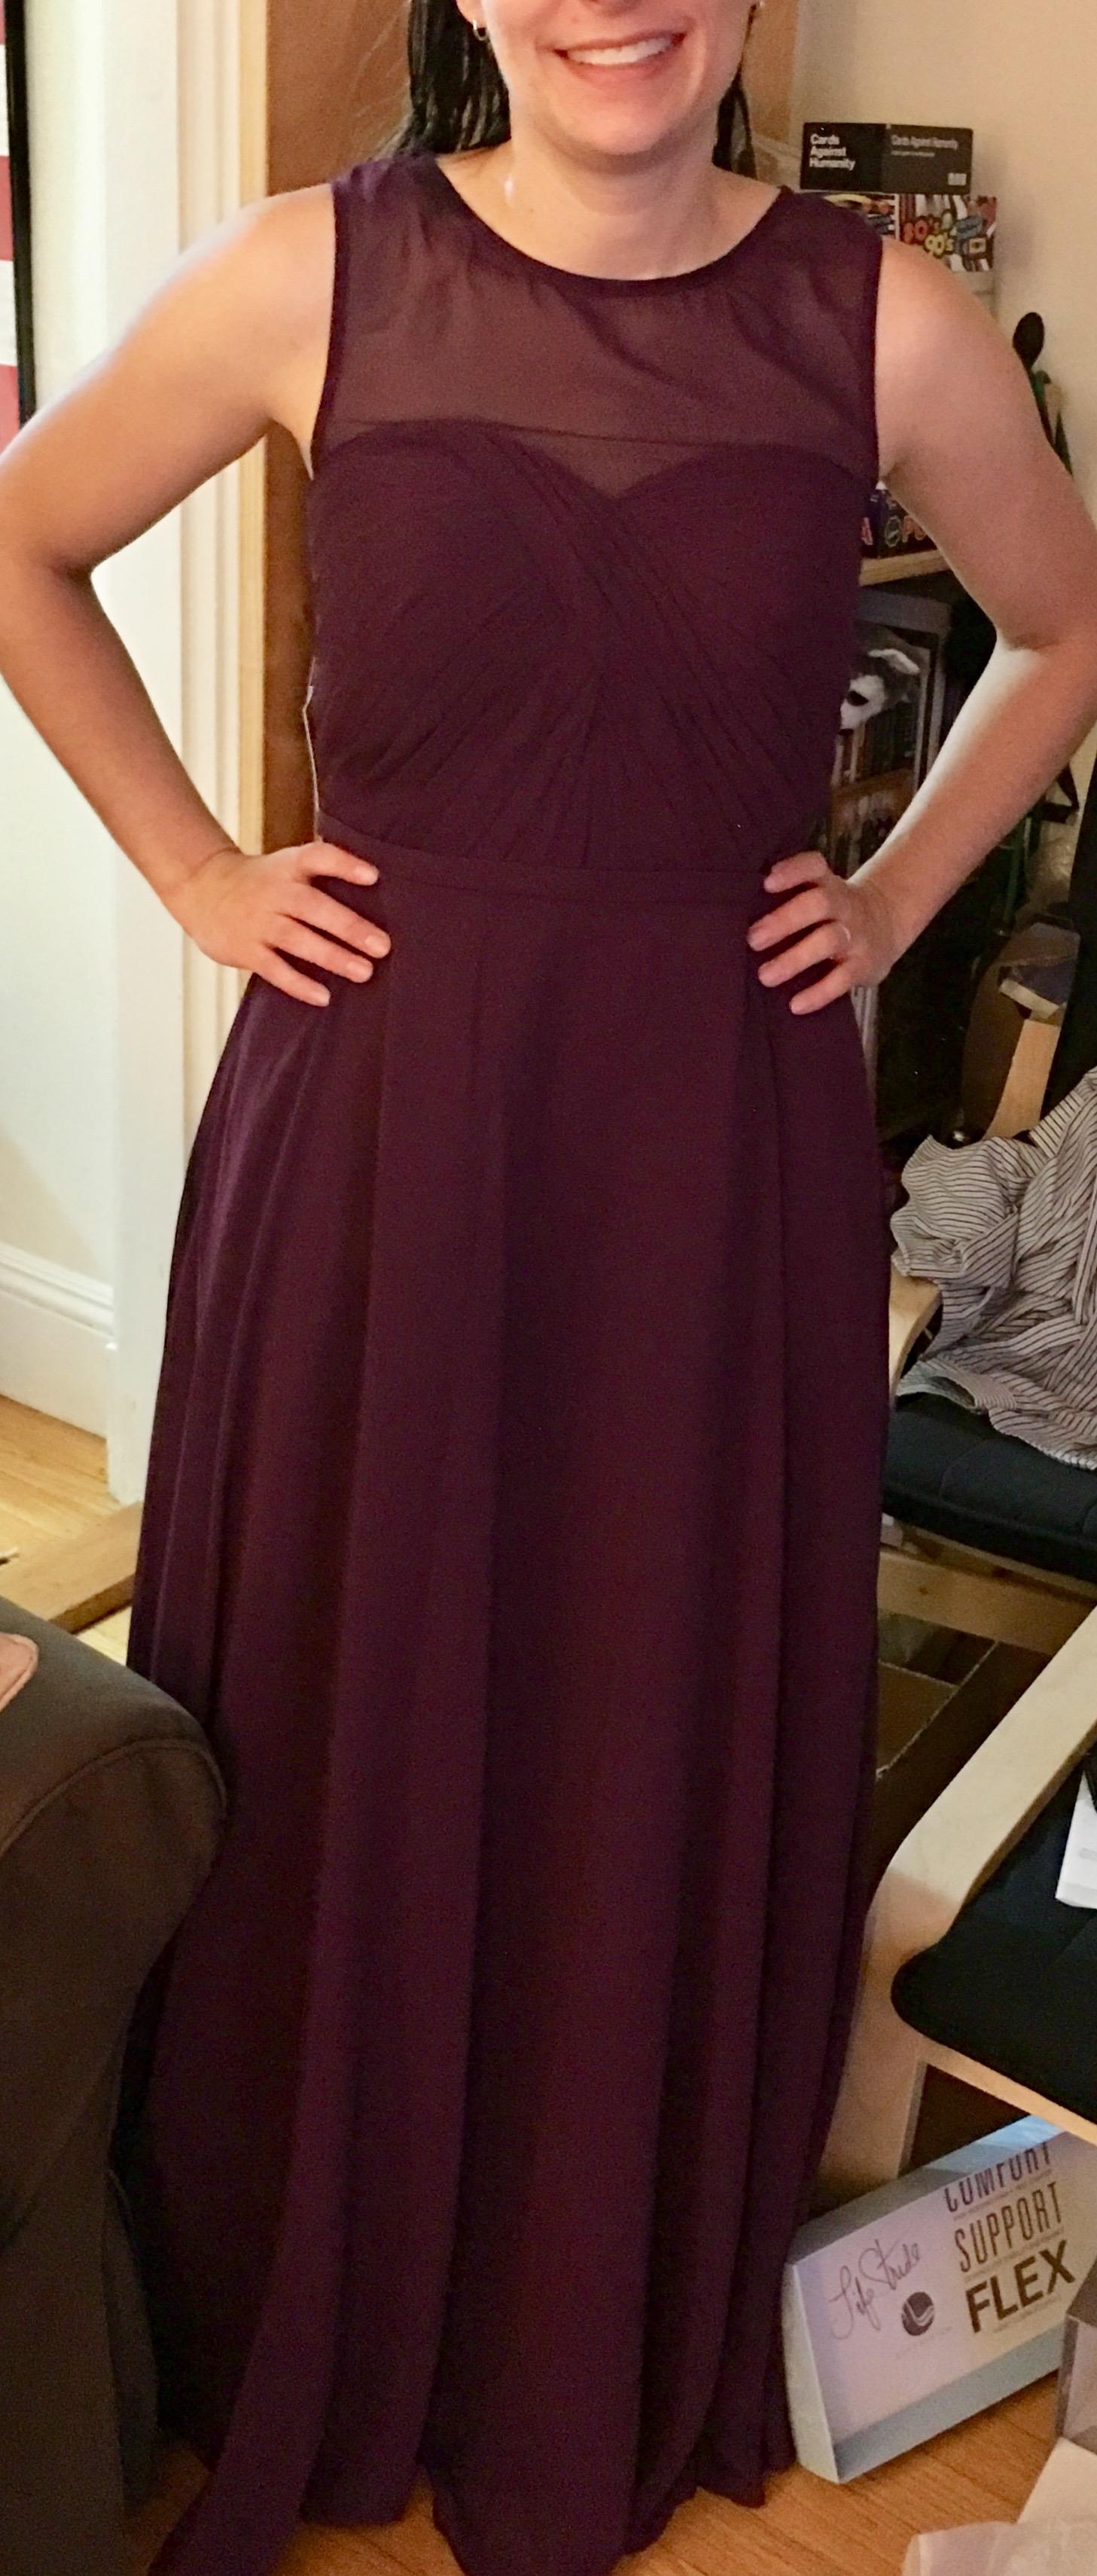 0dbd7acdfd7 Azazie Justine Bridesmaid Dress